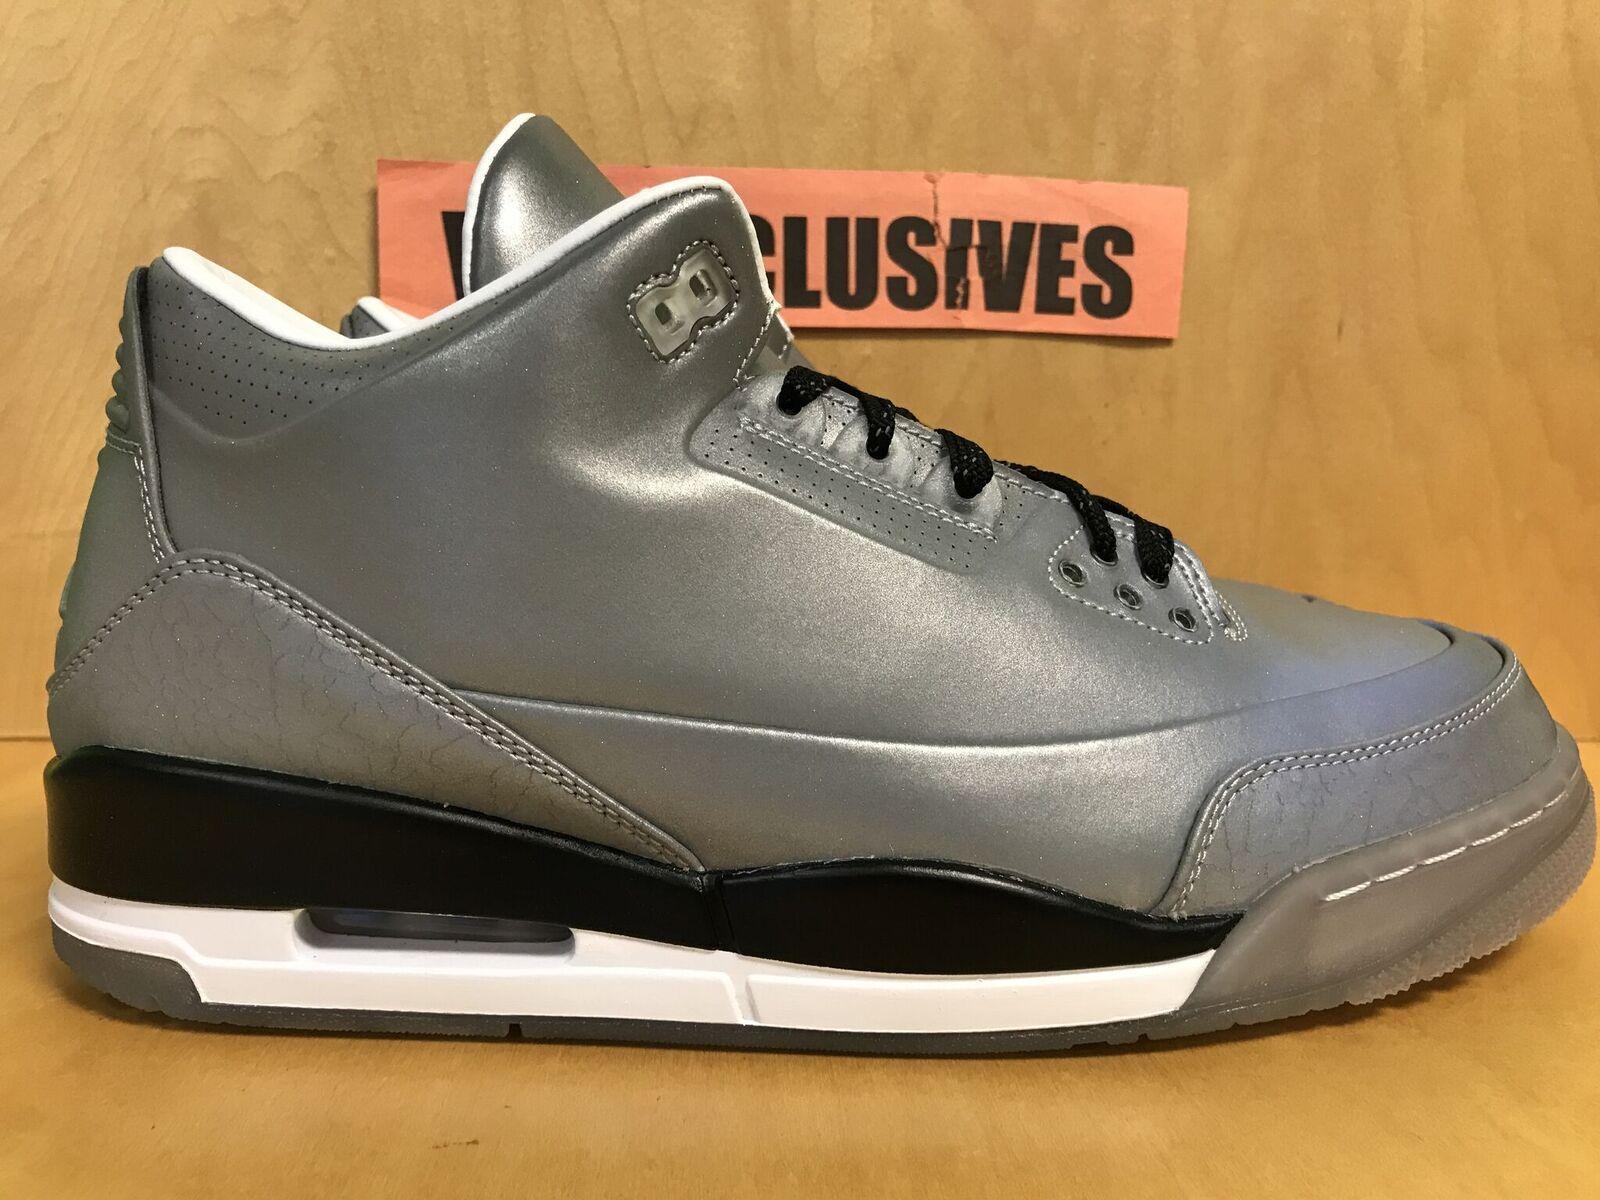 Nike Jordan Retro 3 5LAB3 Reflective Silver 3M 631603-003 Size 10.5